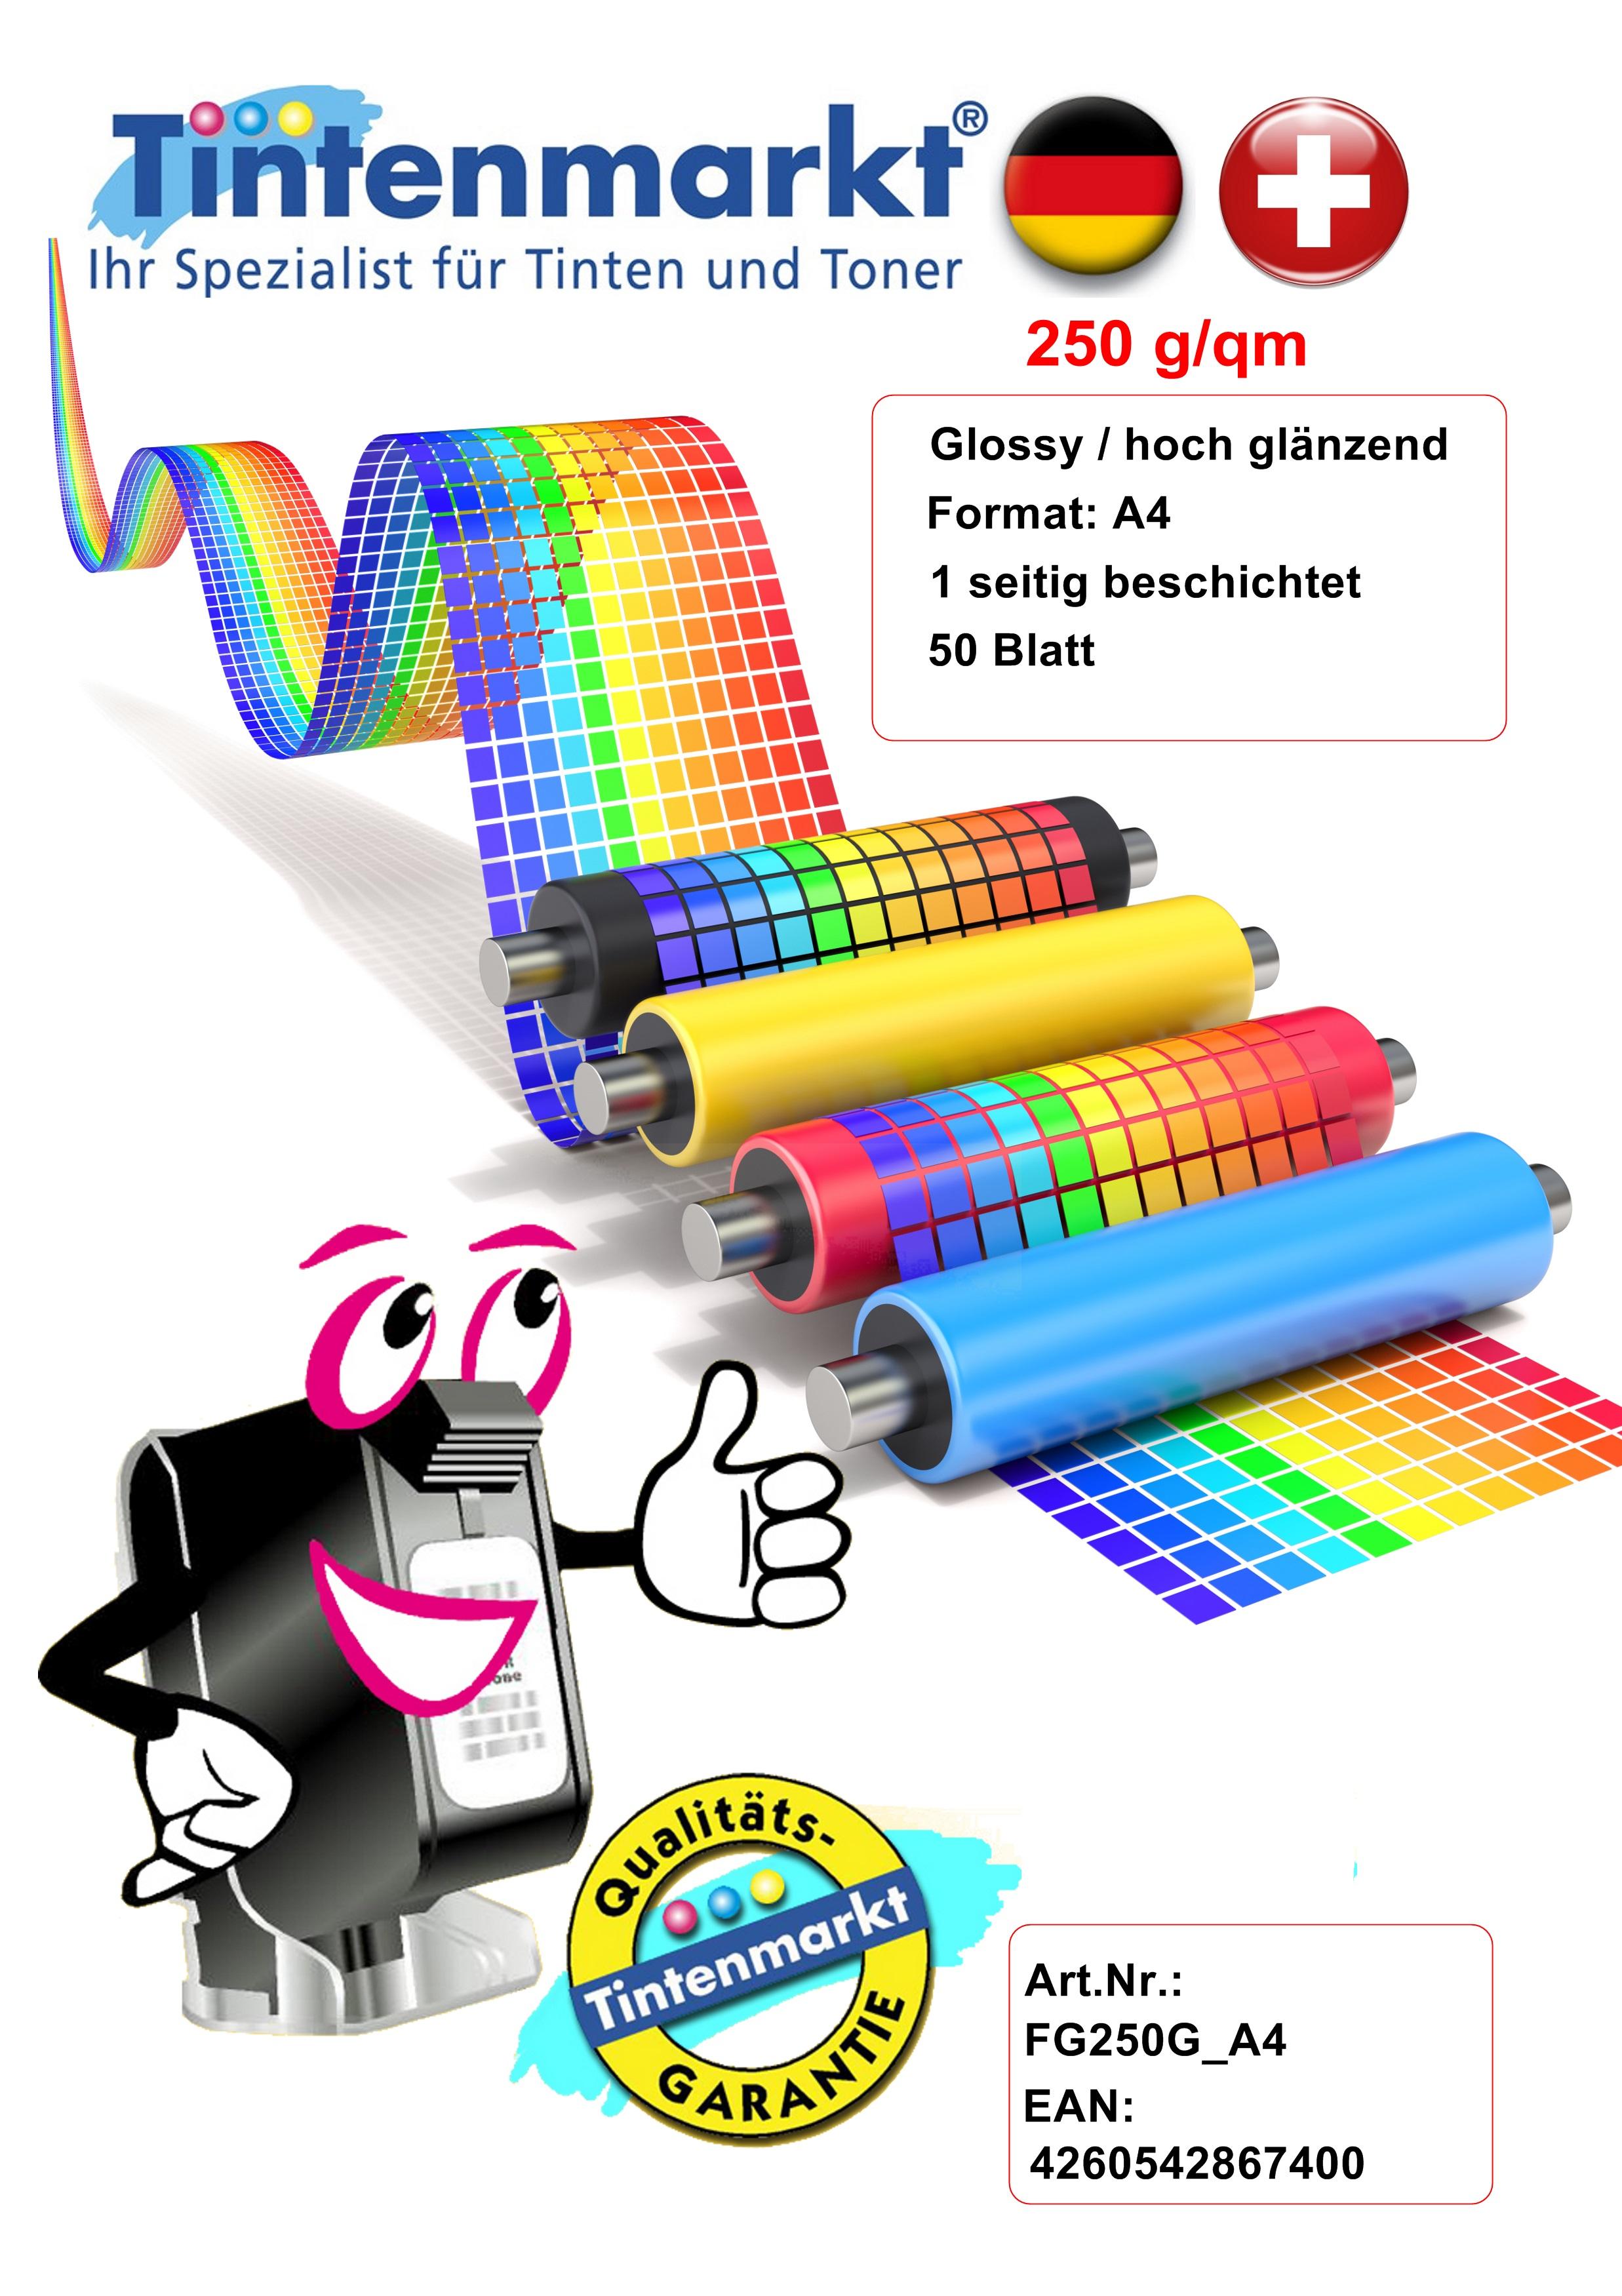 A4 Inkjet Papier 120g photo-glänzend 50 Blatt 1-seitig beschichtet